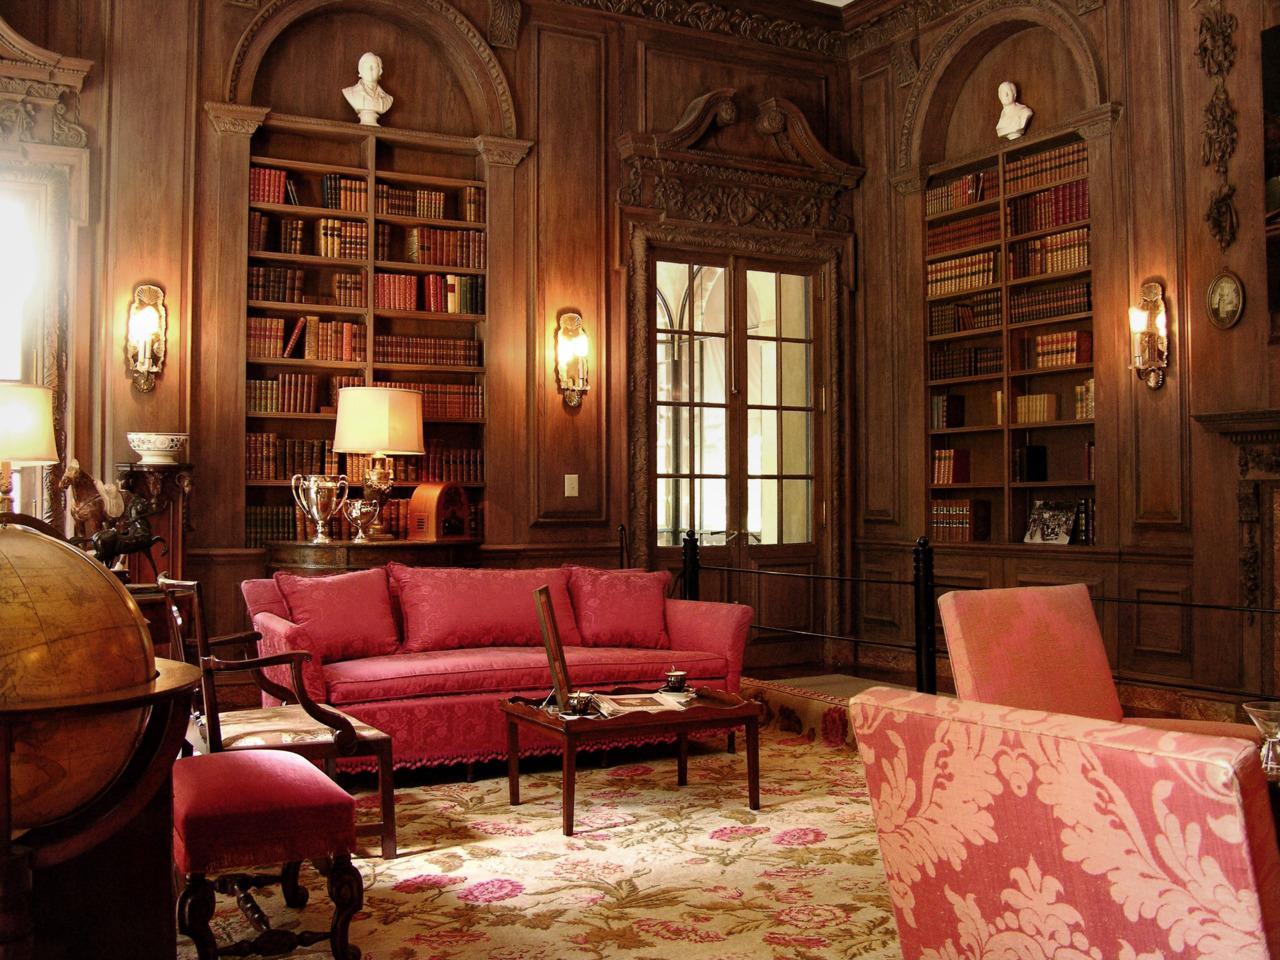 8. President Snow's House, Hunger Games 2